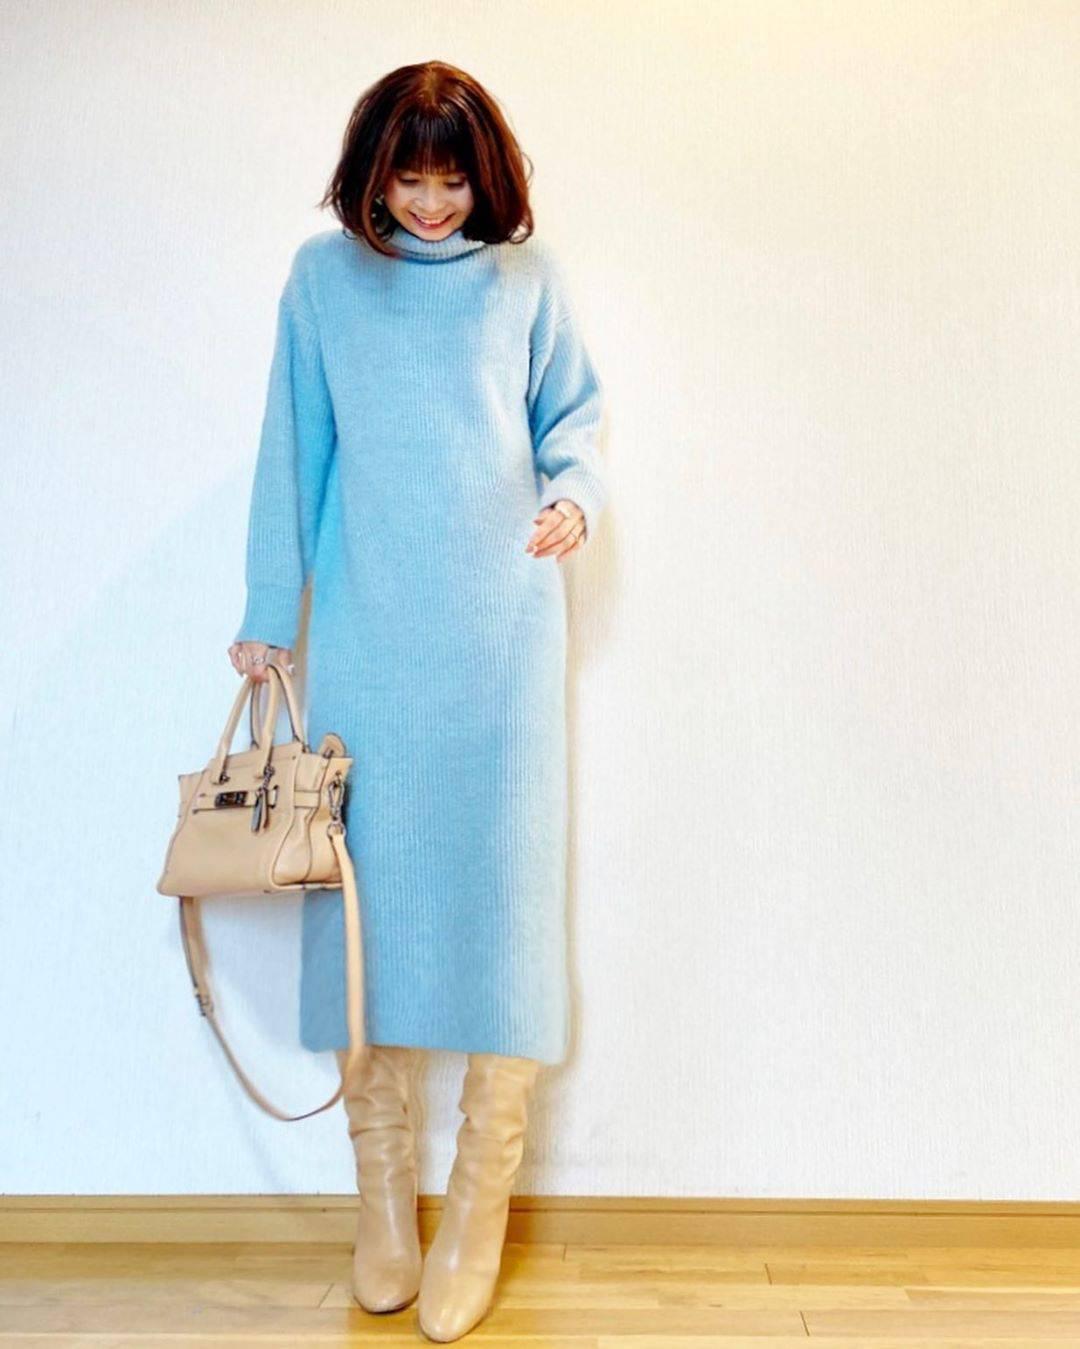 最高気温12度・最低気温5度 acmee.chiyoの服装